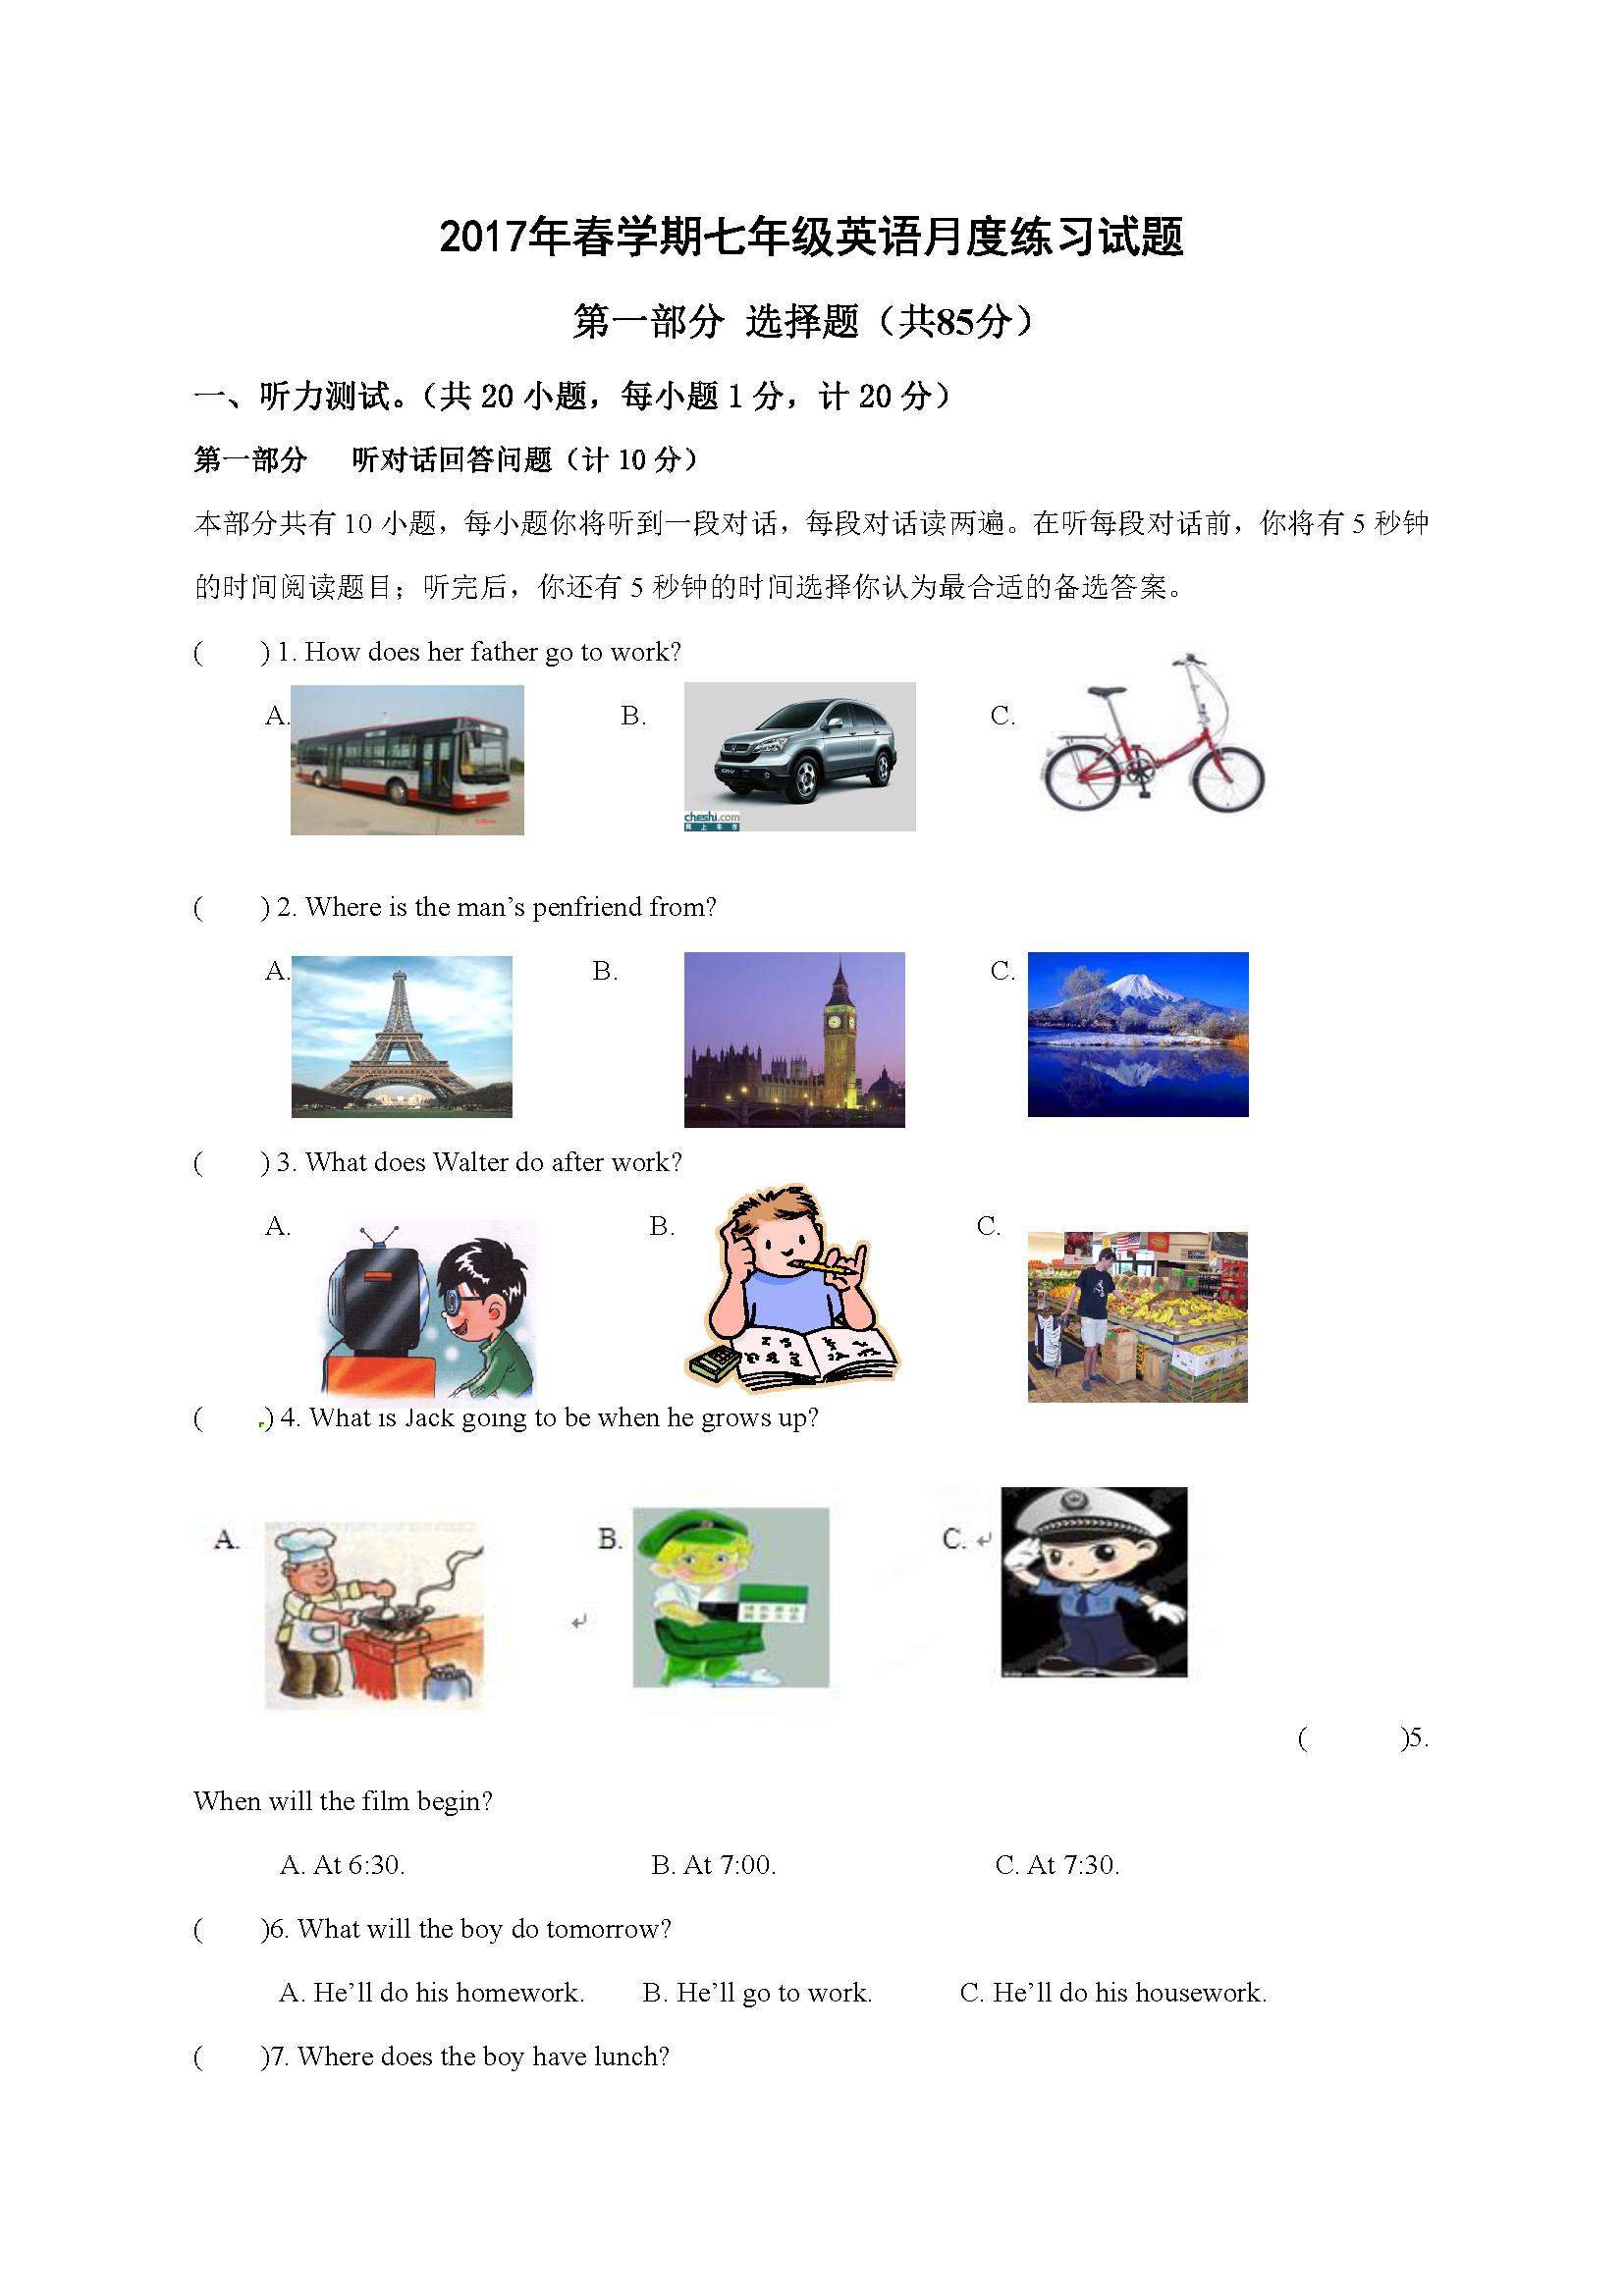 江苏泰州中学附属初级中学2017年七年级下第一次月考英语试题(Word版)